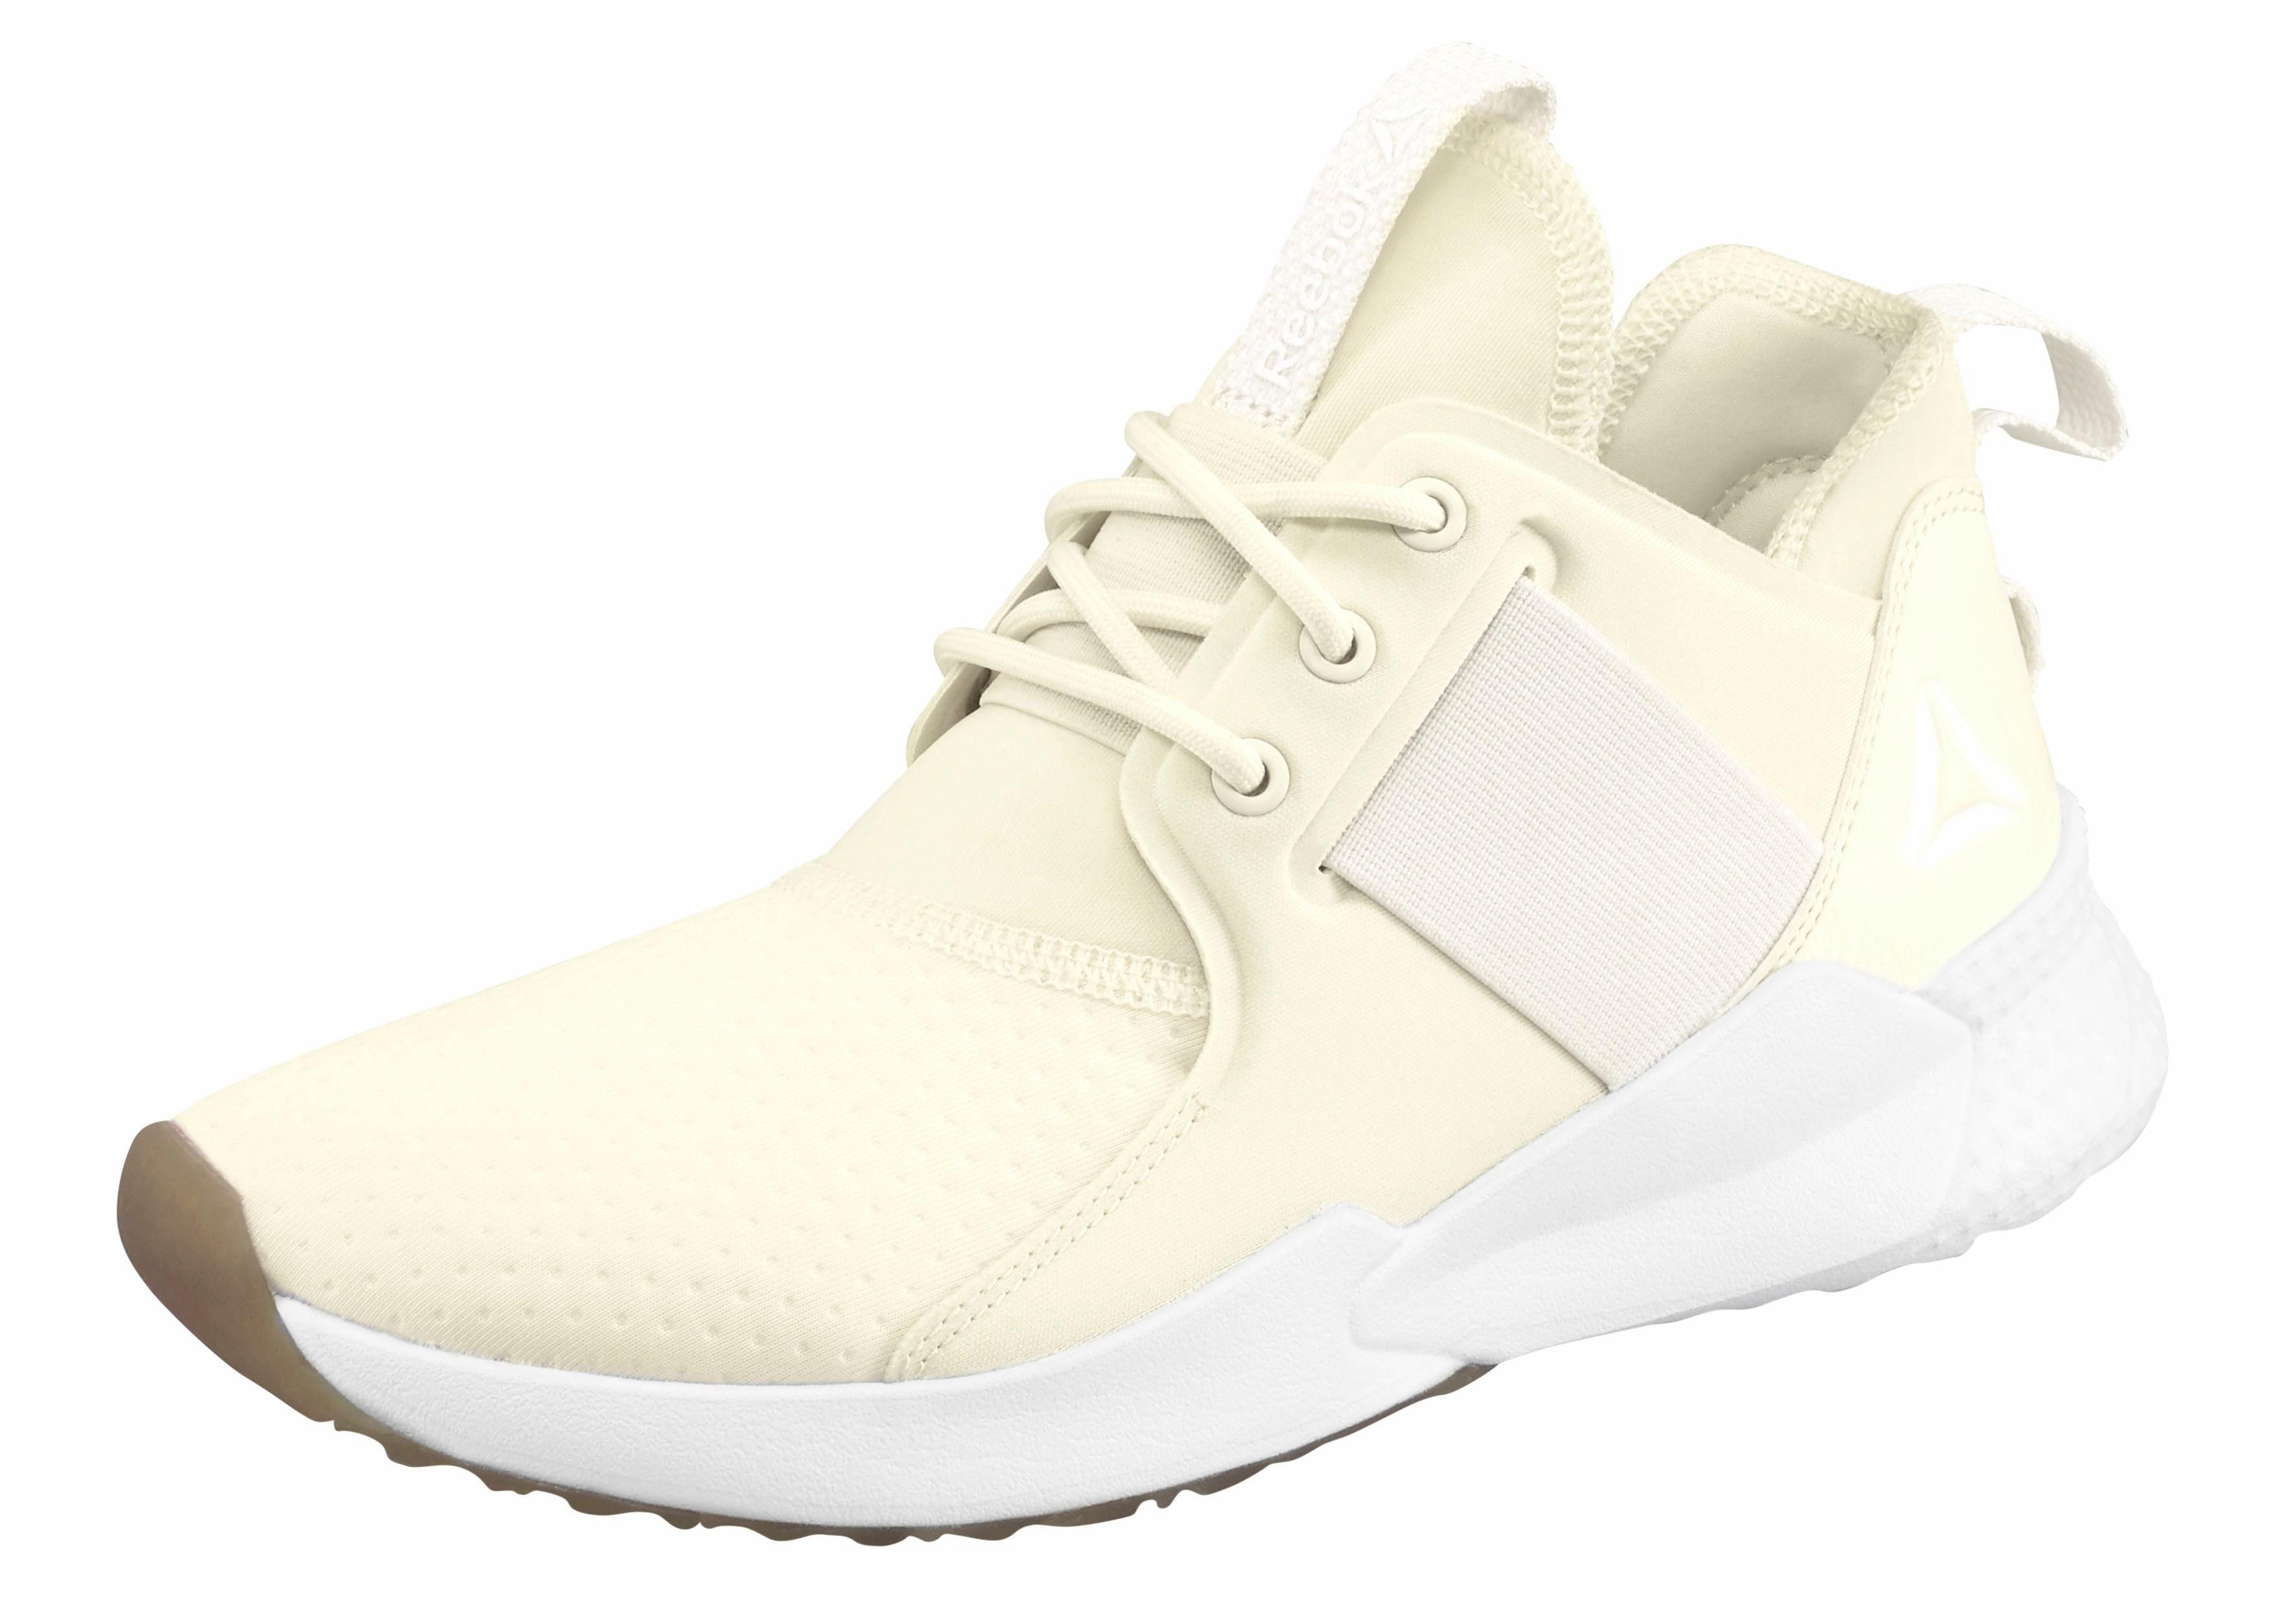 Reebok Pilox 10 Fitnessschuh online kaufen  weiß-beige